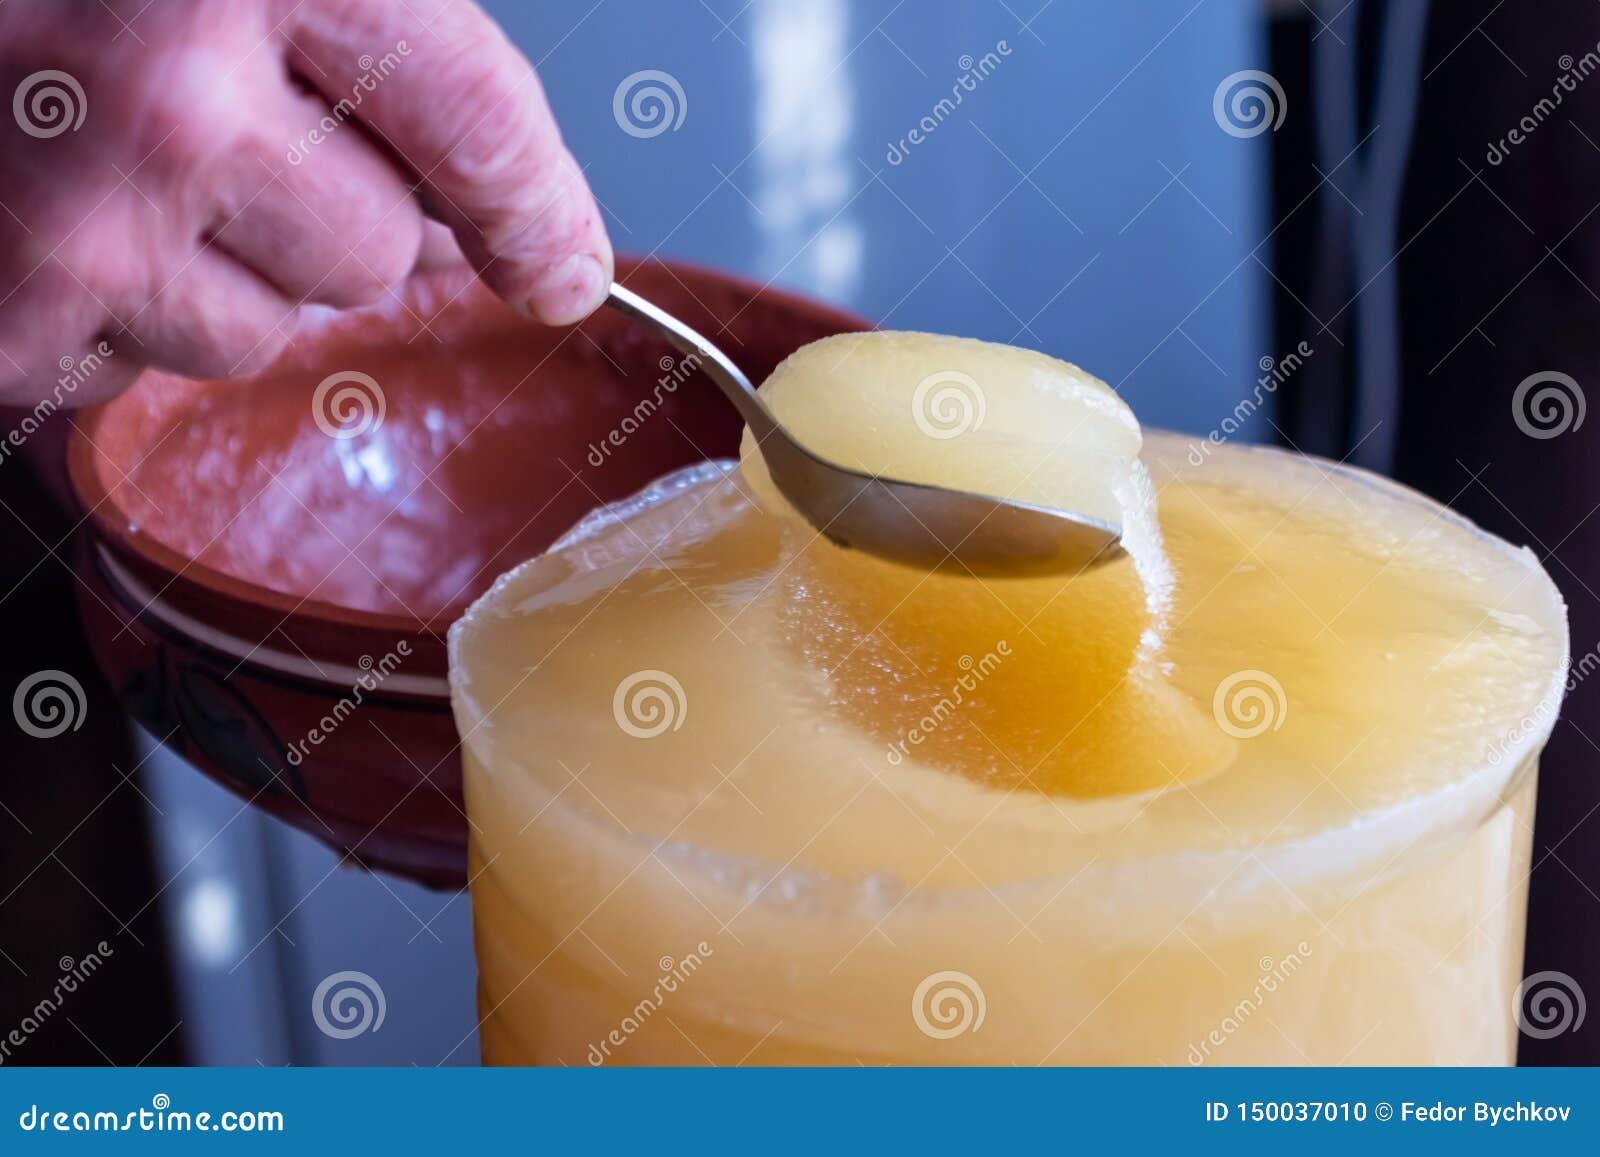 O deslocamento do mel de um recipiente maior em uma bacia